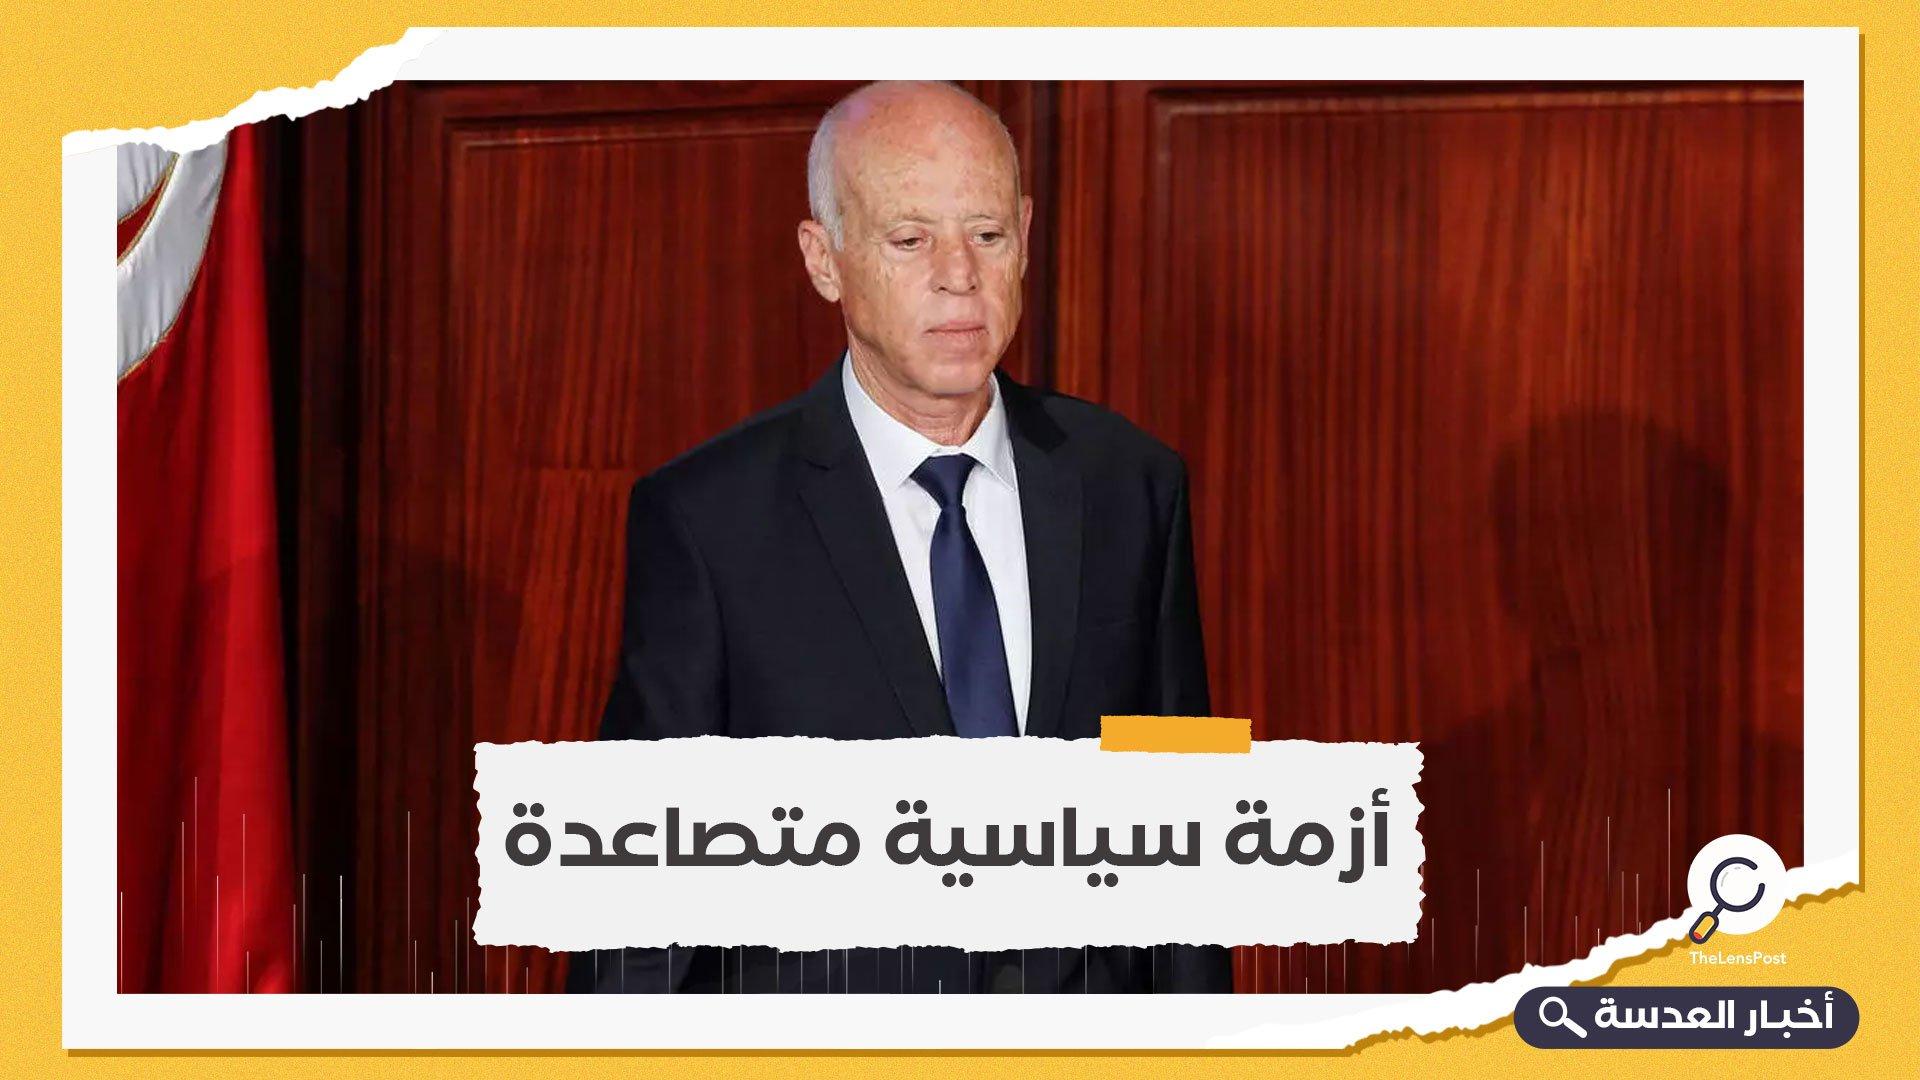 تمسك الرئيس التونسي برفض التعديل الوزاري